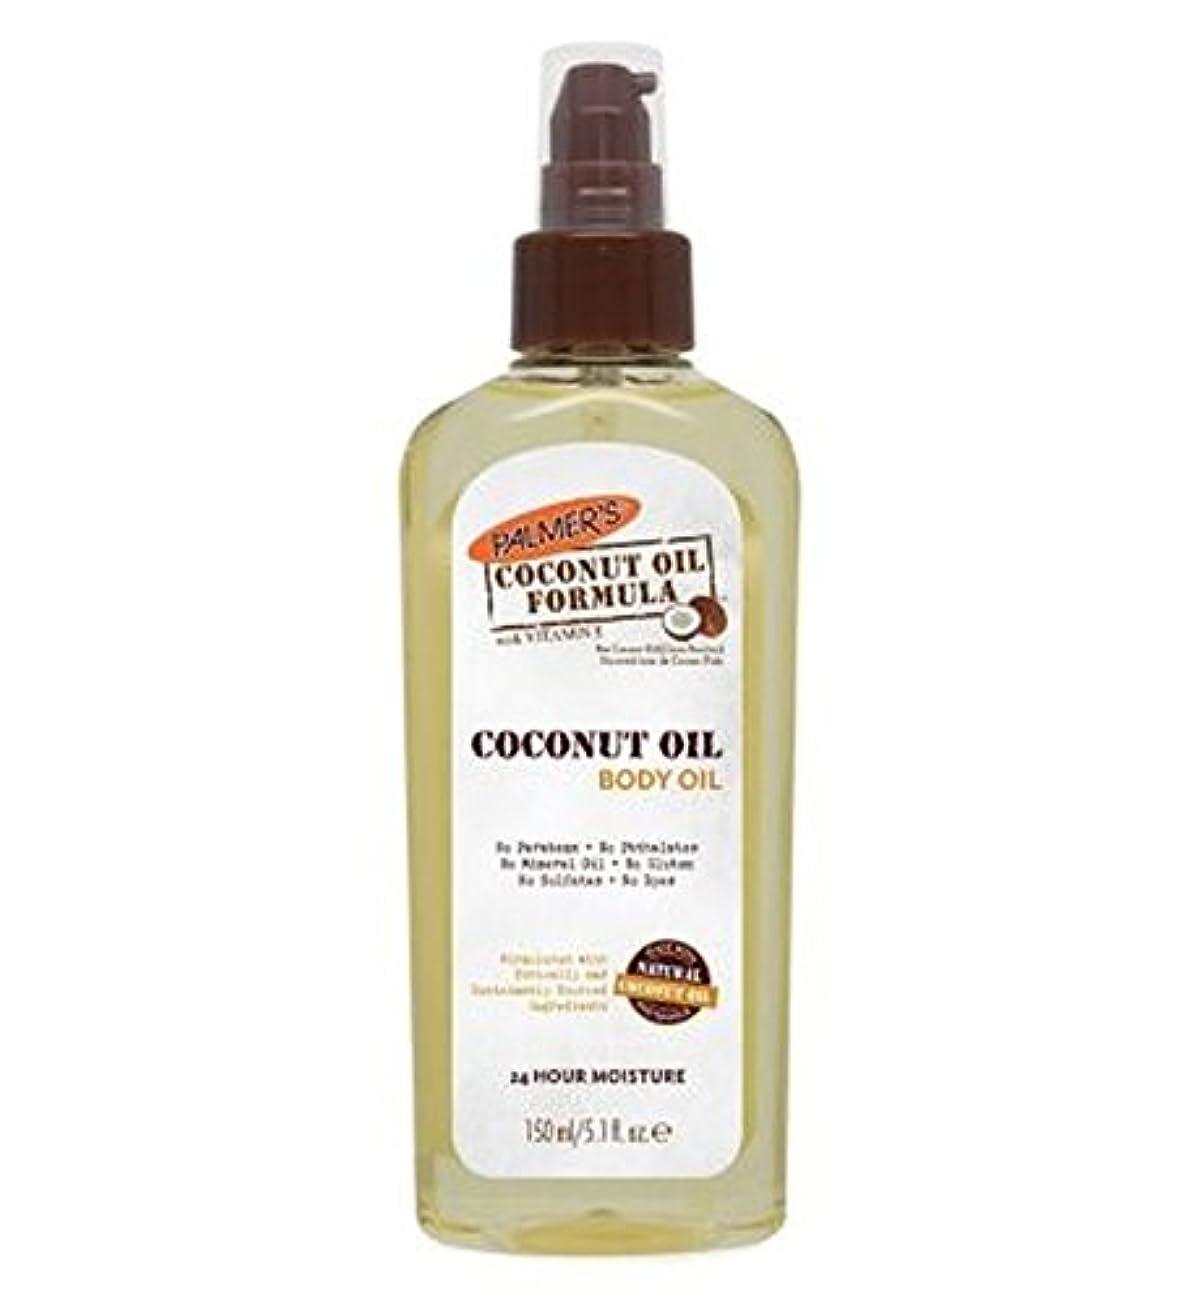 チキンレトルトオーブンPalmer's Coconut Oil Formula Body Oil 150ml - パーマーのココナッツオイル式ボディオイル150ミリリットル (Palmer's) [並行輸入品]